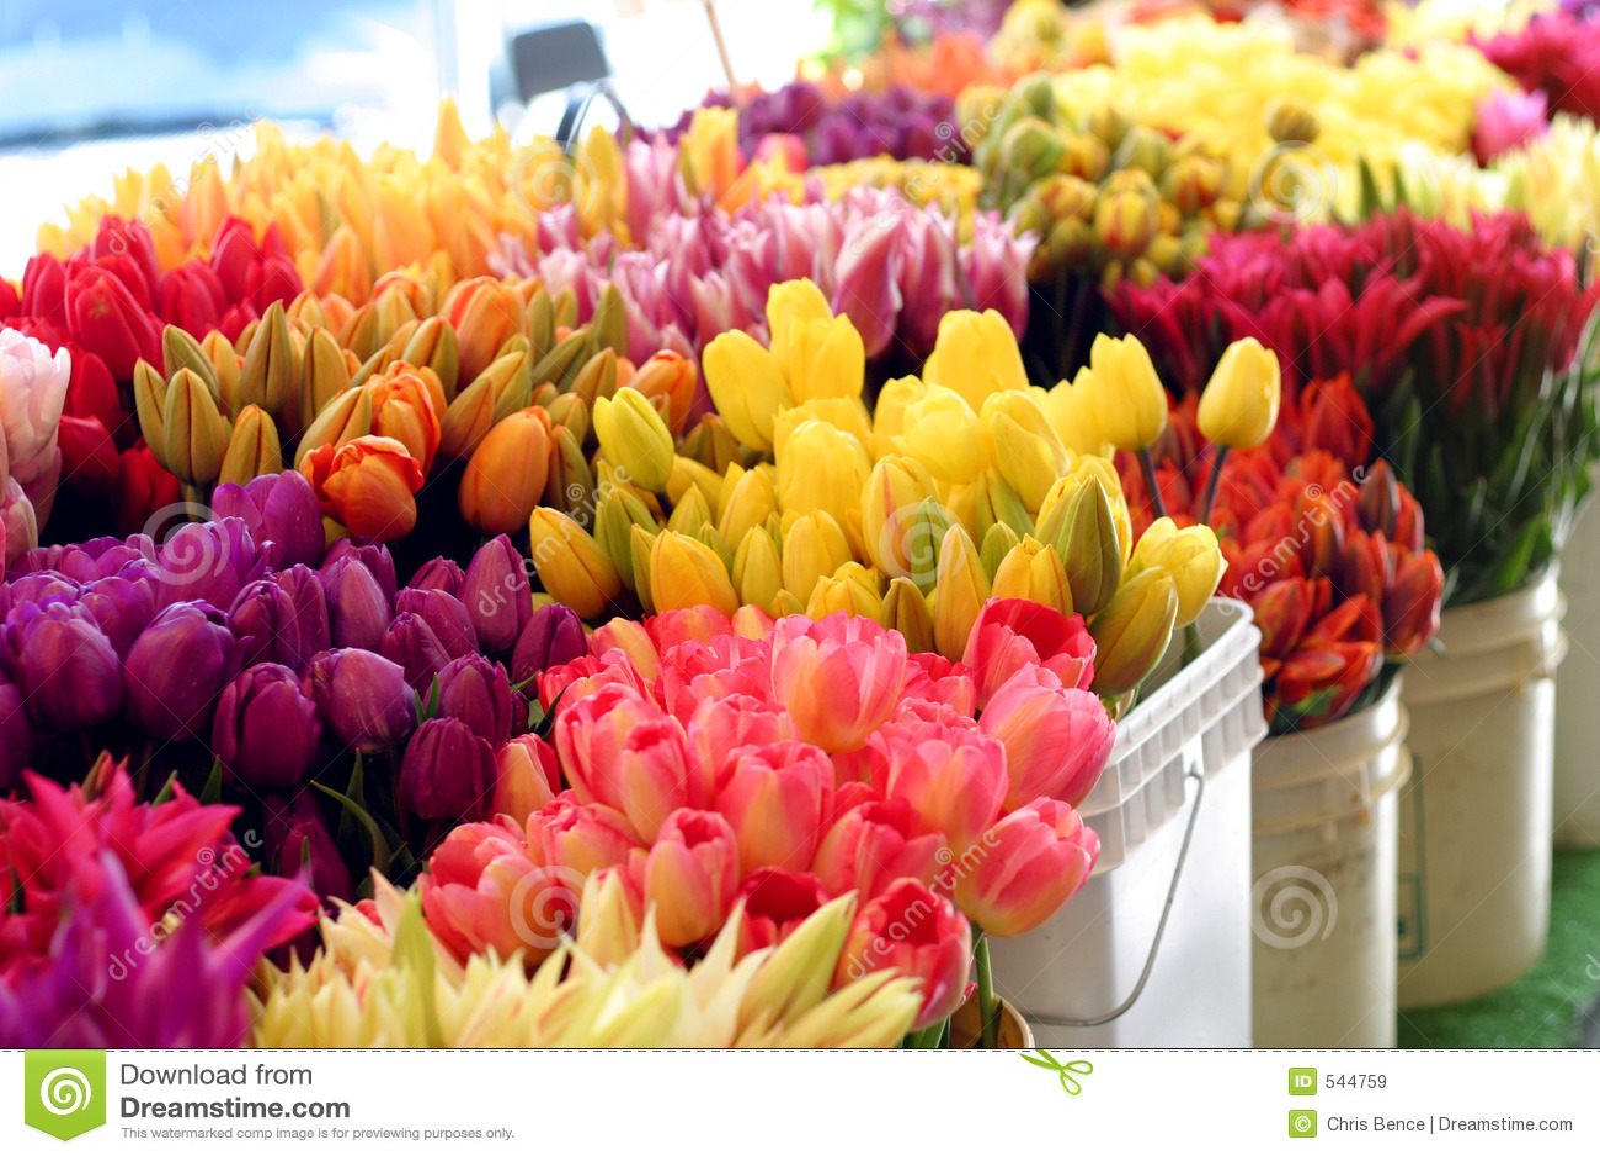 Download Flowrs市场 库存图片. 图片 包括有 装饰, 颜色, 供营商, 欢悦, 精美, 工厂, brewster - 544759